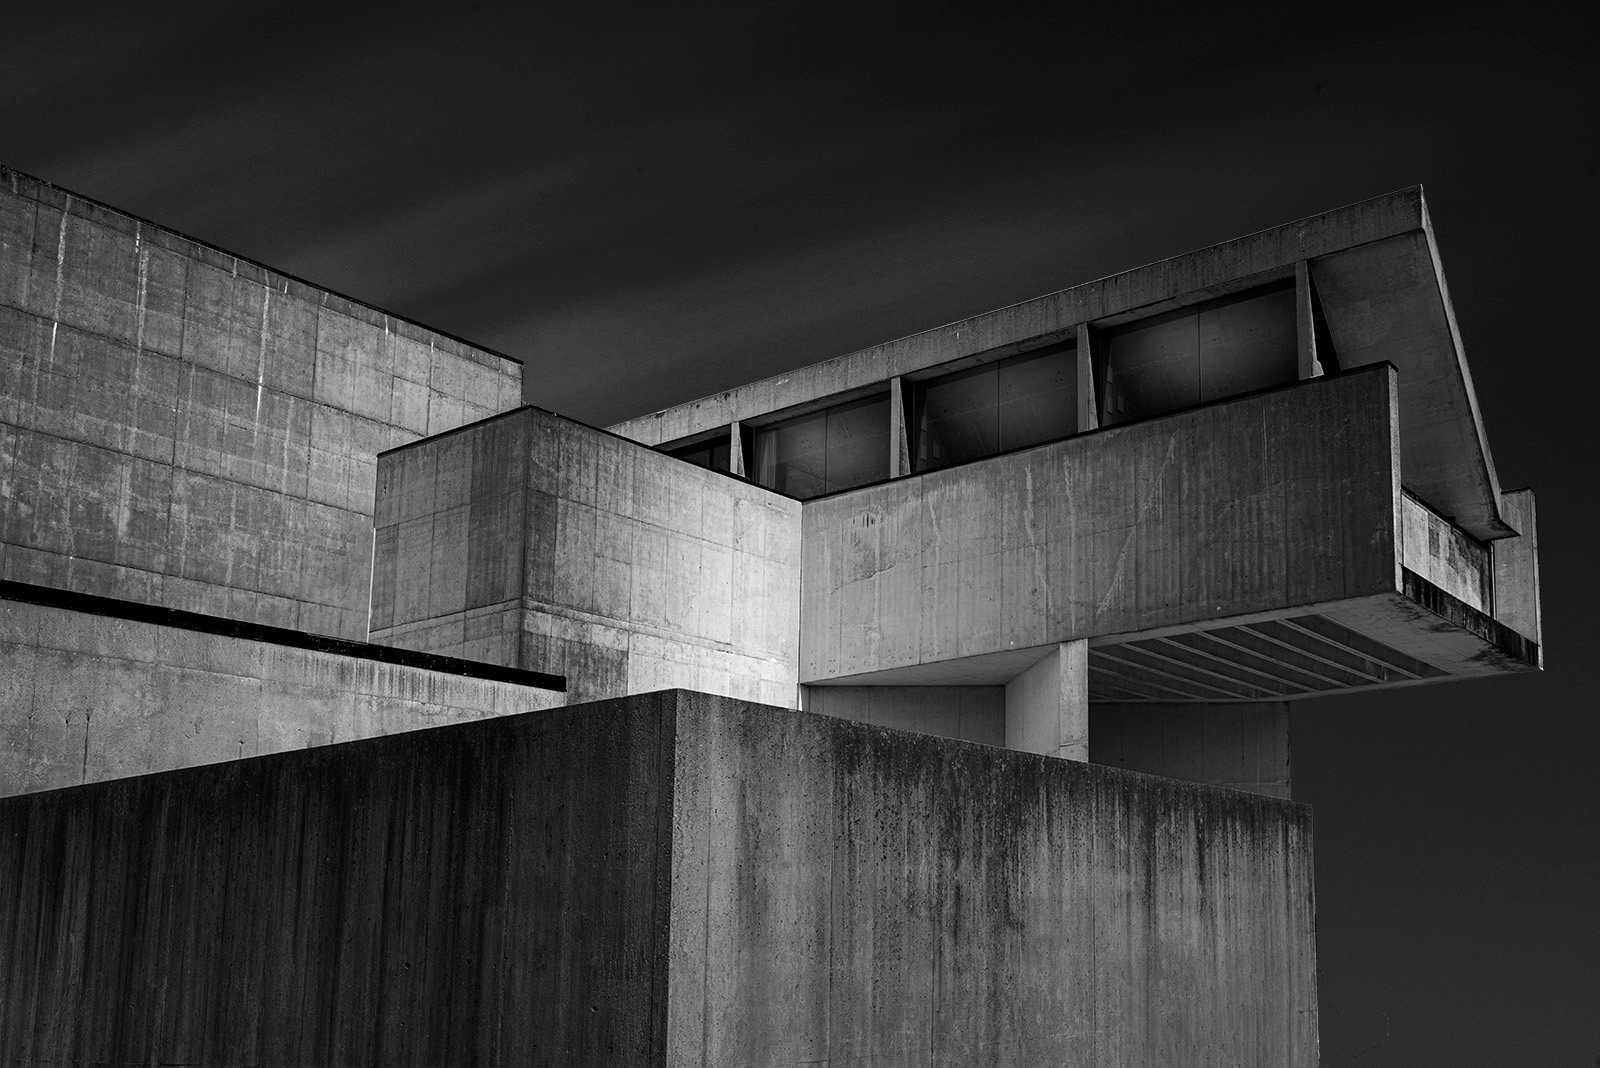 Brutalist Blocks by Larry Dunn